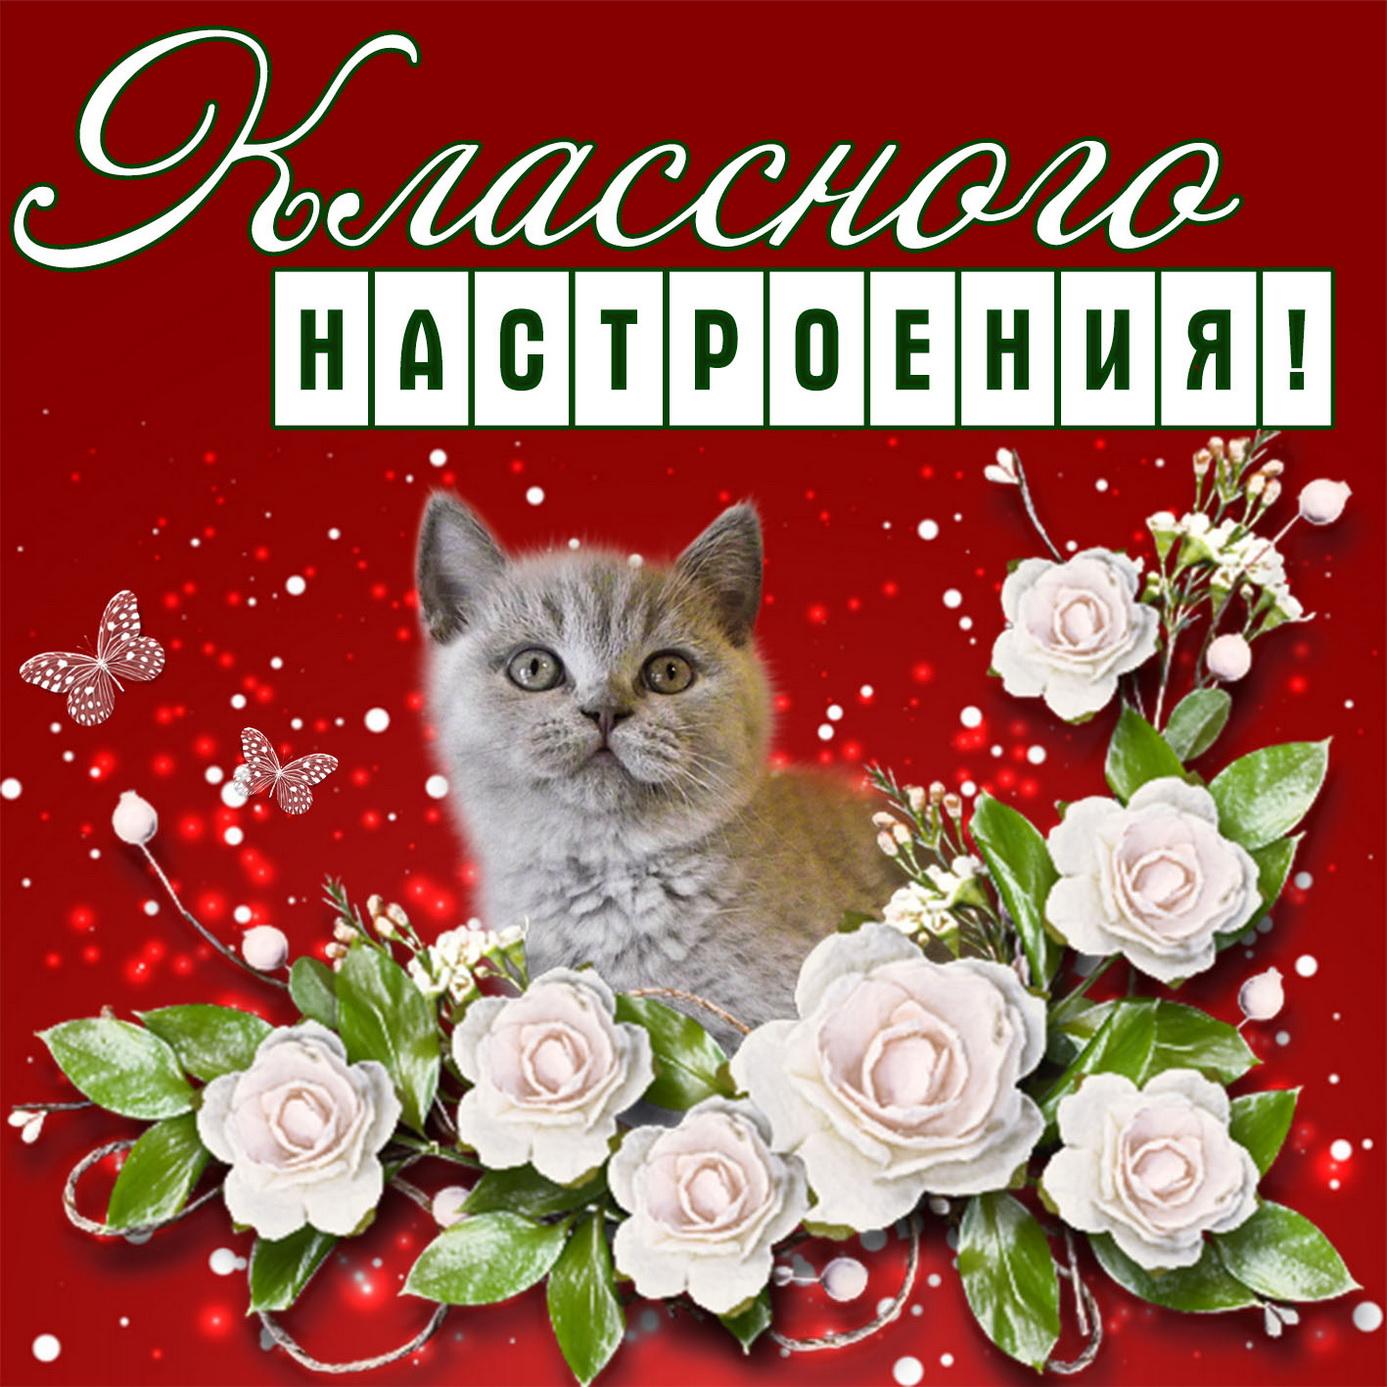 Котёнок на картинке желает классного настроения